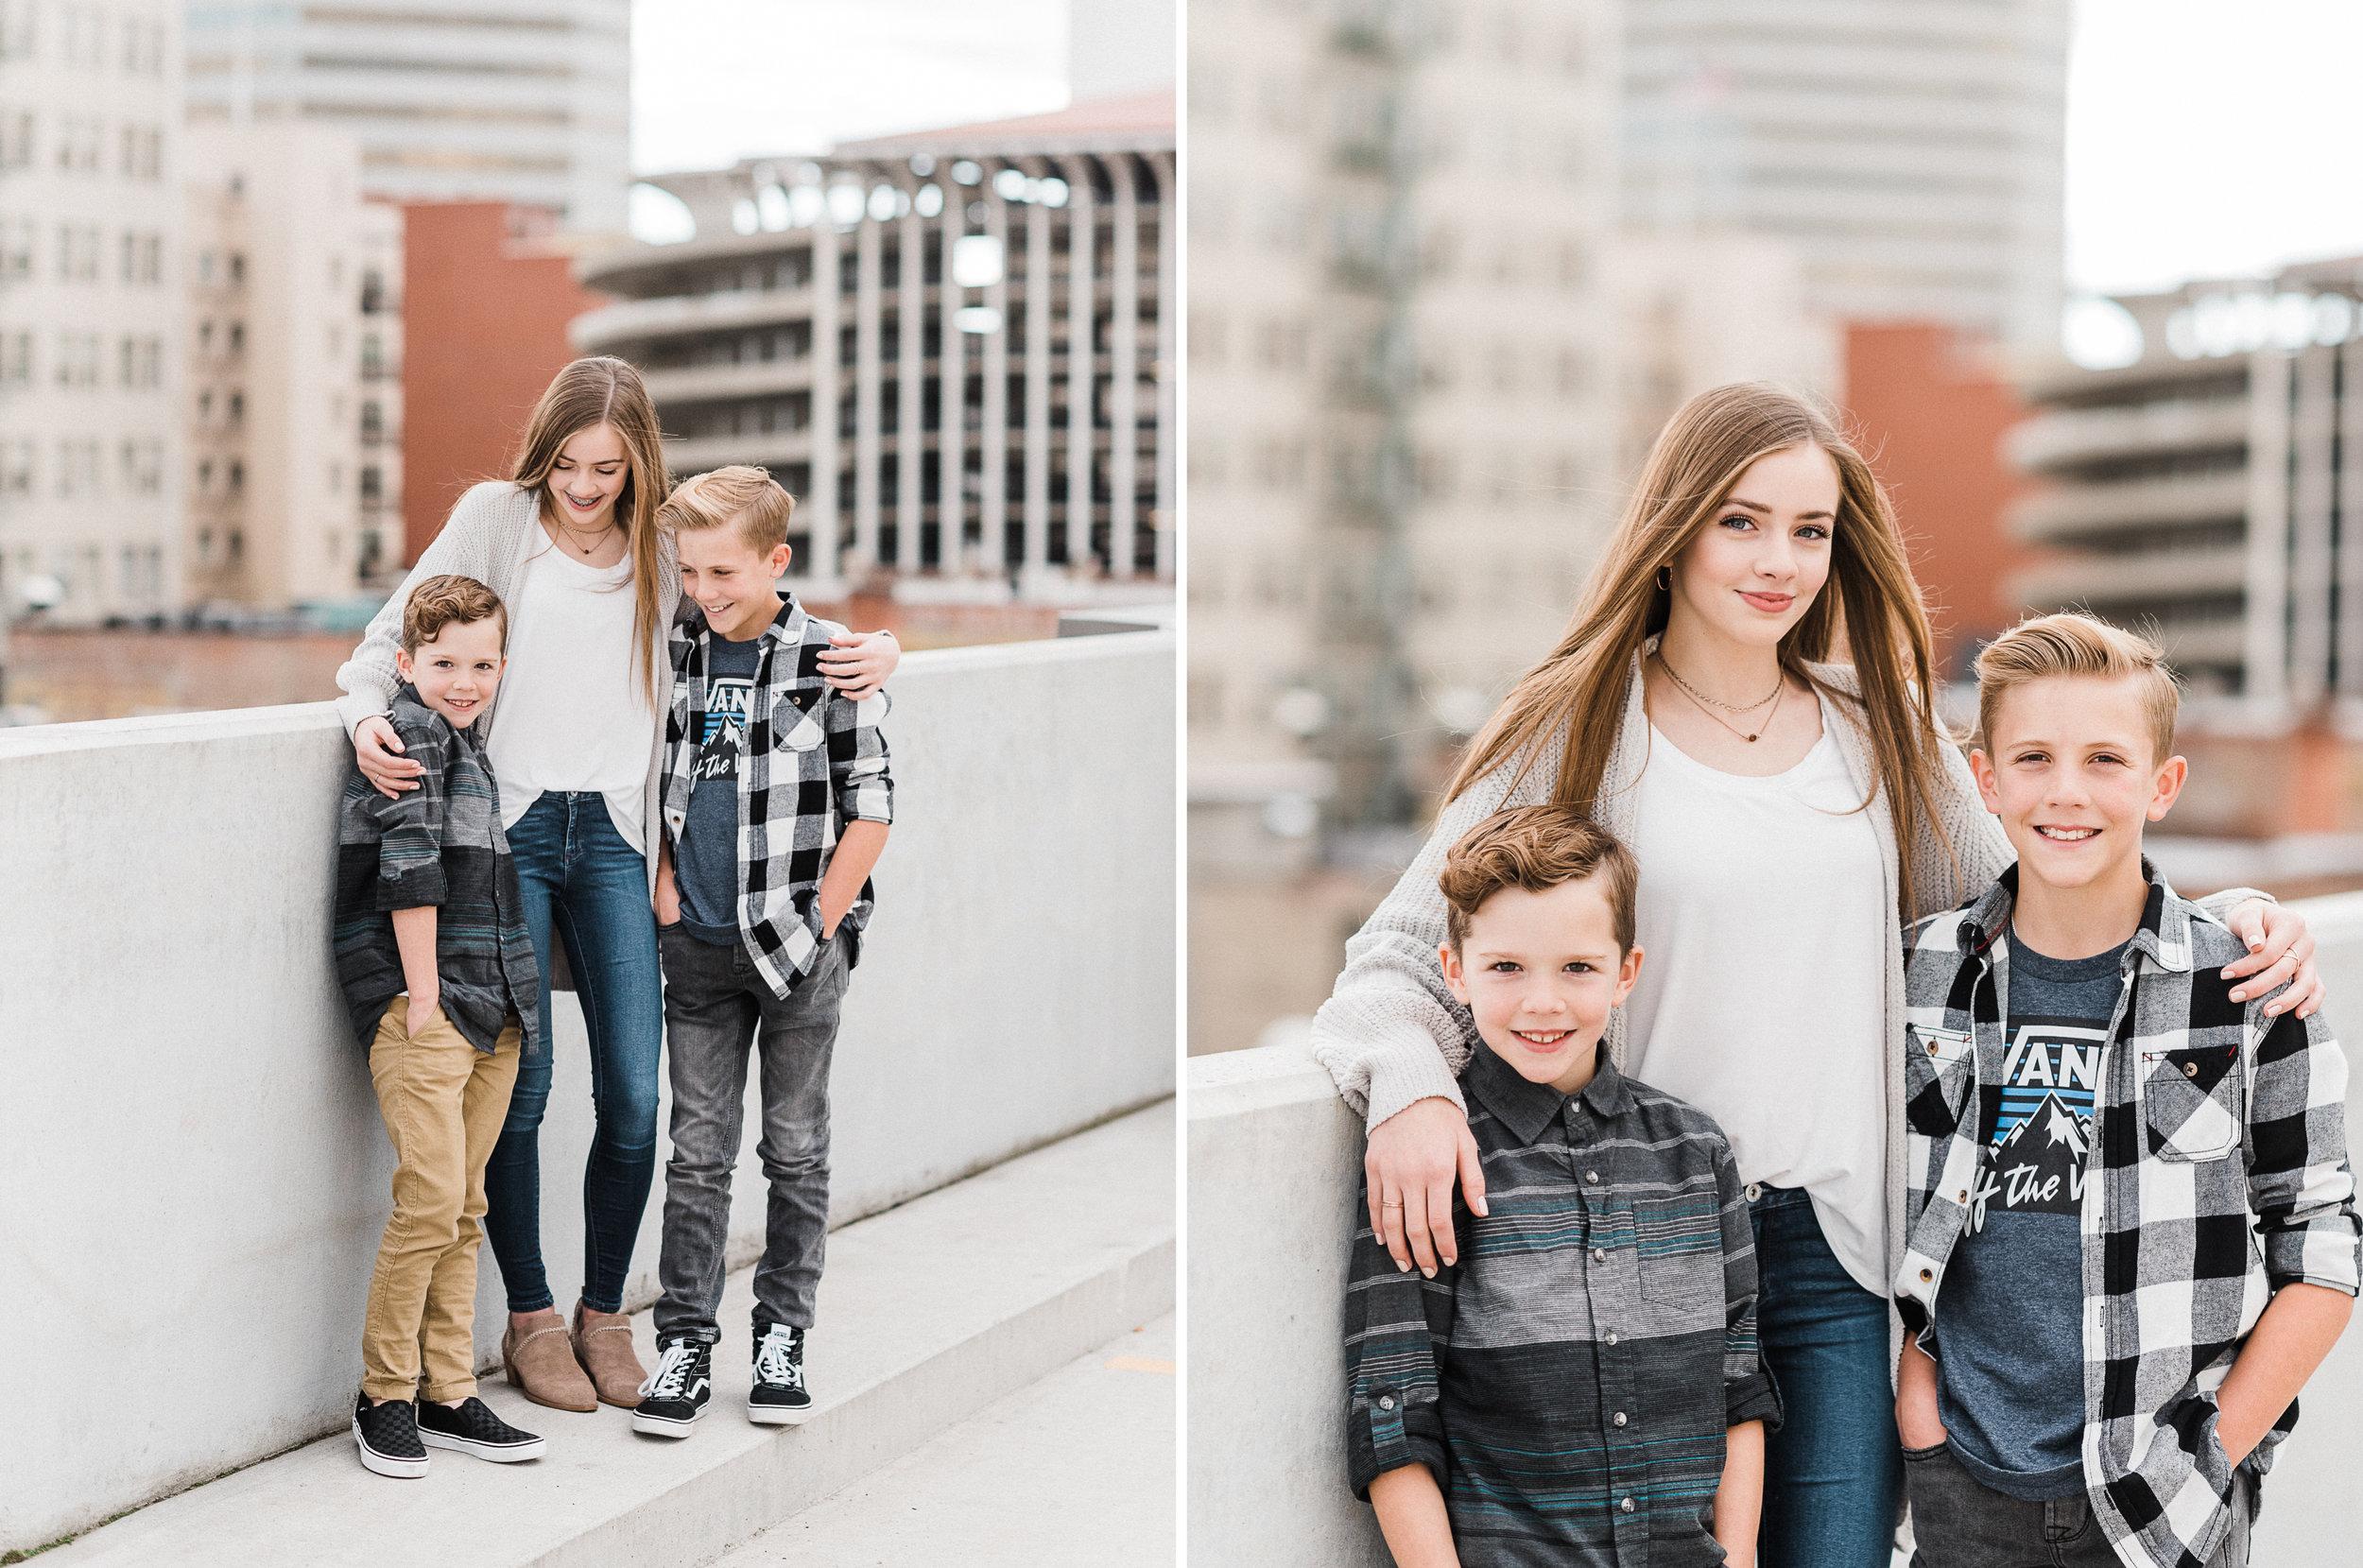 Urban_family_session_Lofstedt100.jpg